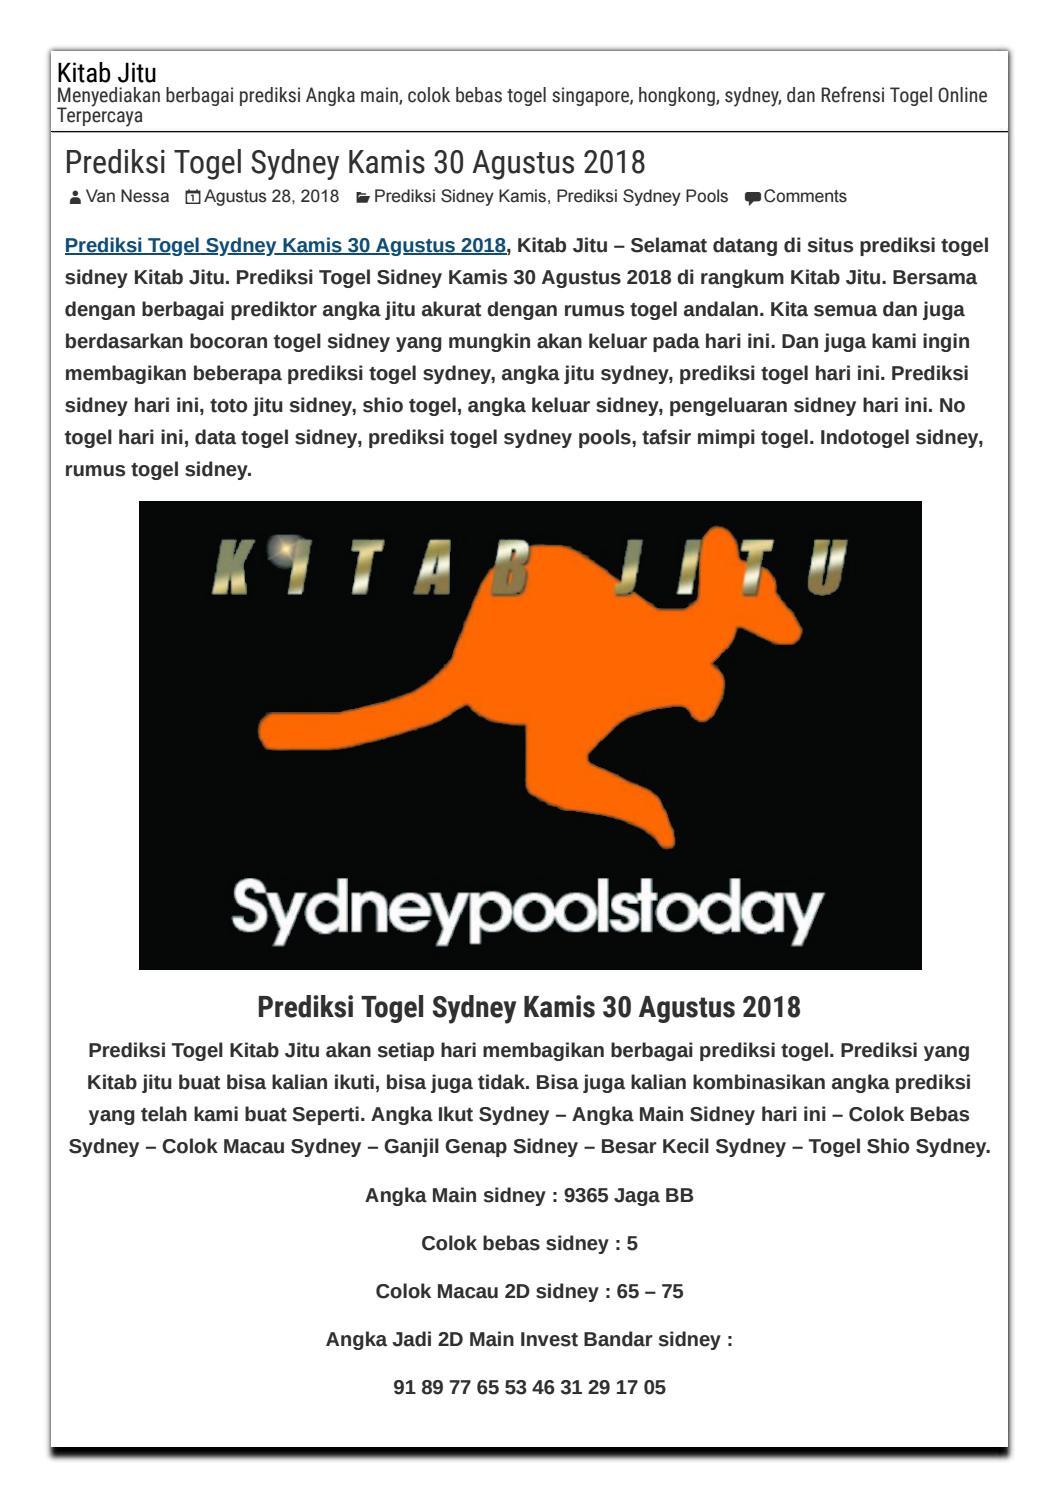 Prediksi Togel Sydney Kamis 30 Agustus 2018 by suma camsom - issuu 1232db4870